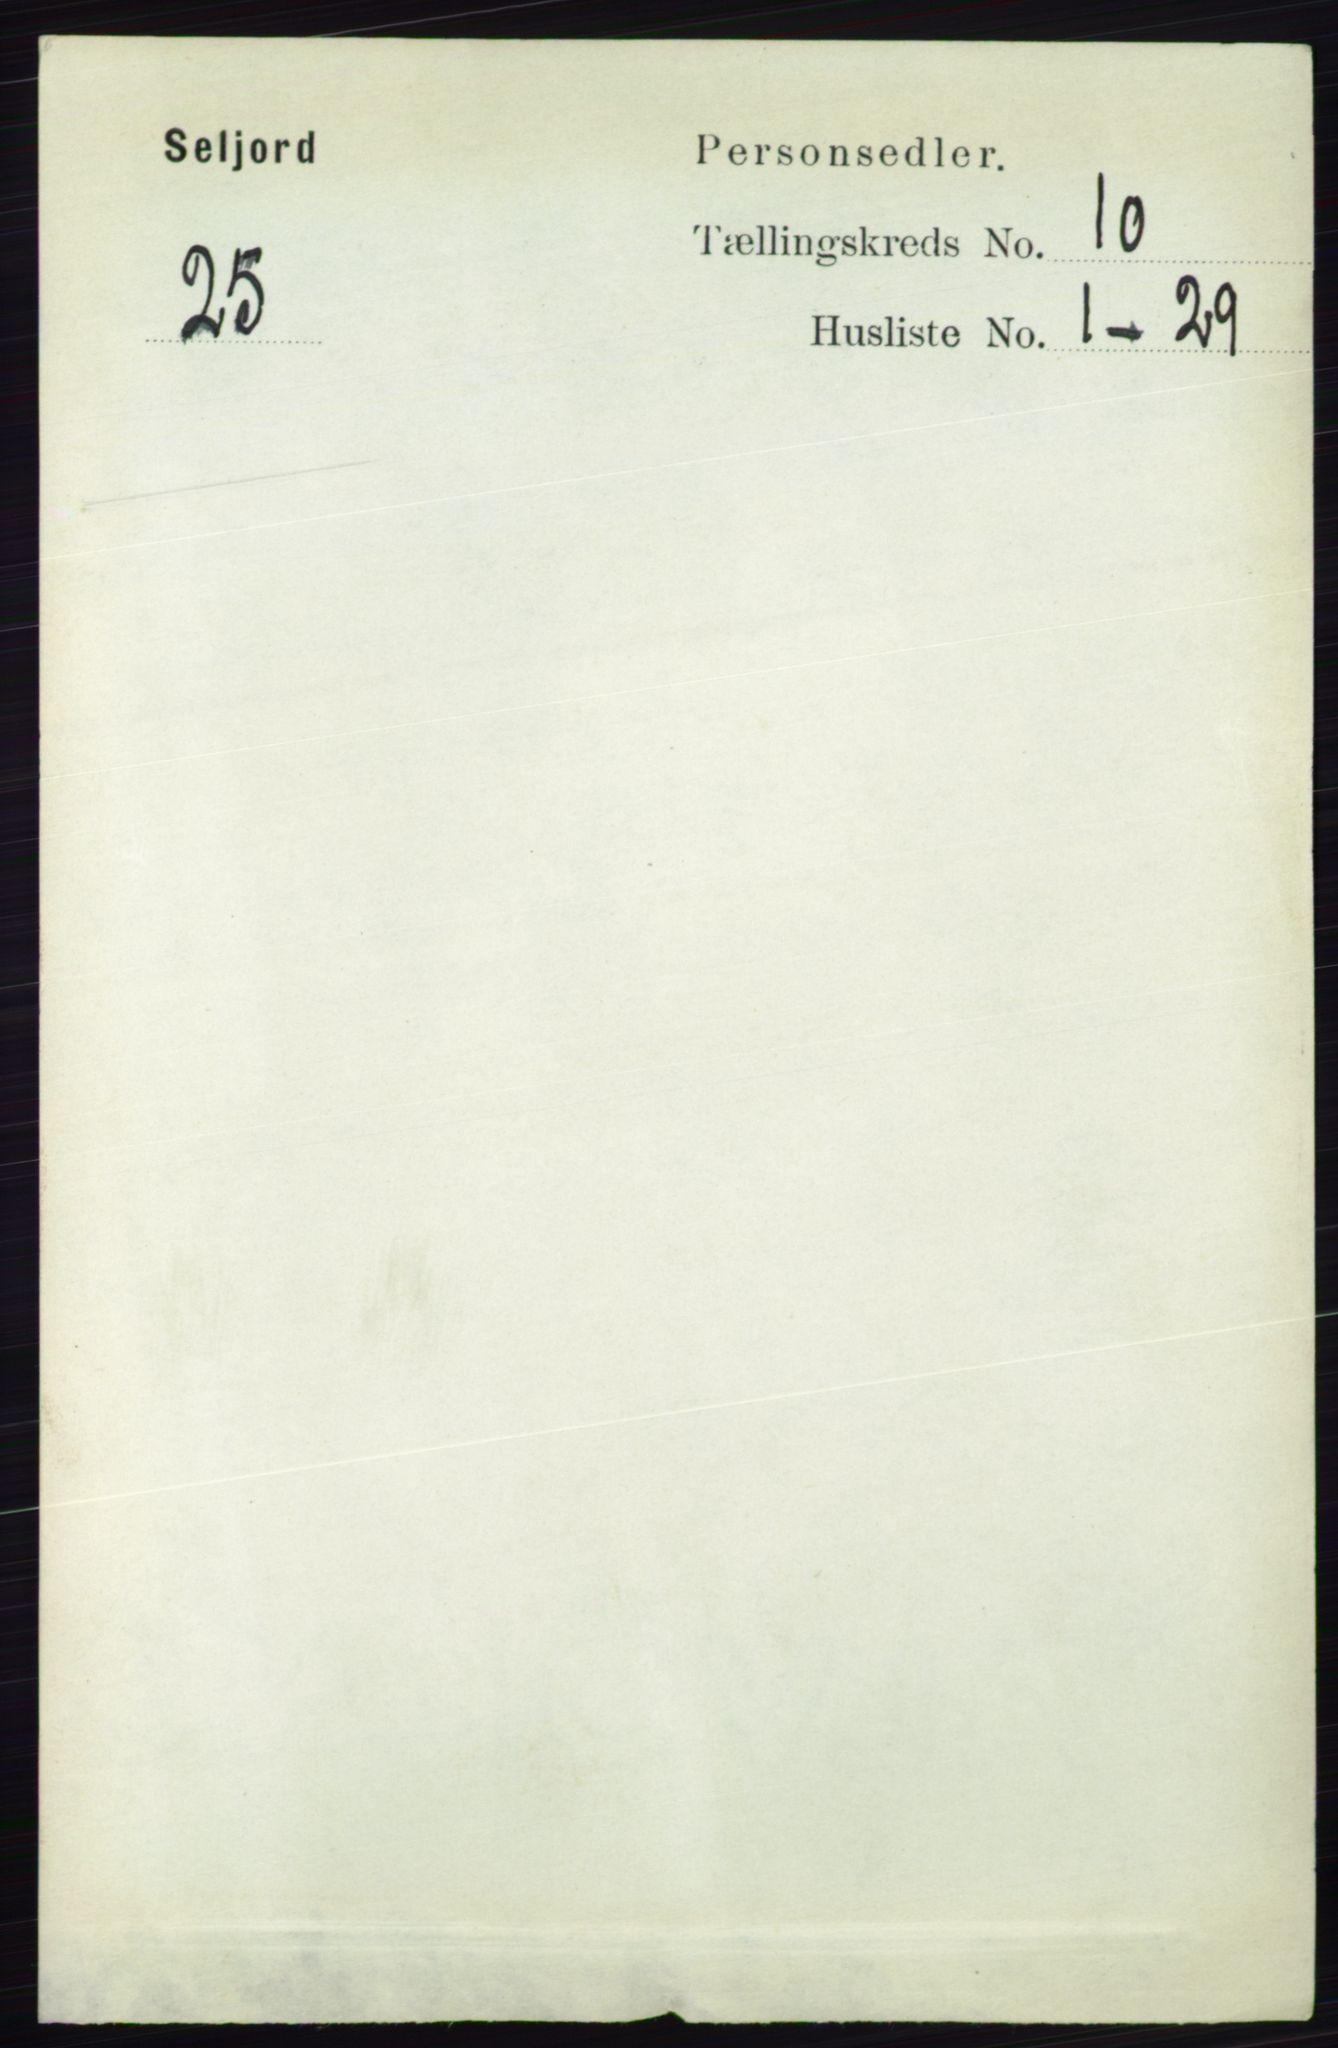 RA, Folketelling 1891 for 0828 Seljord herred, 1891, s. 3454